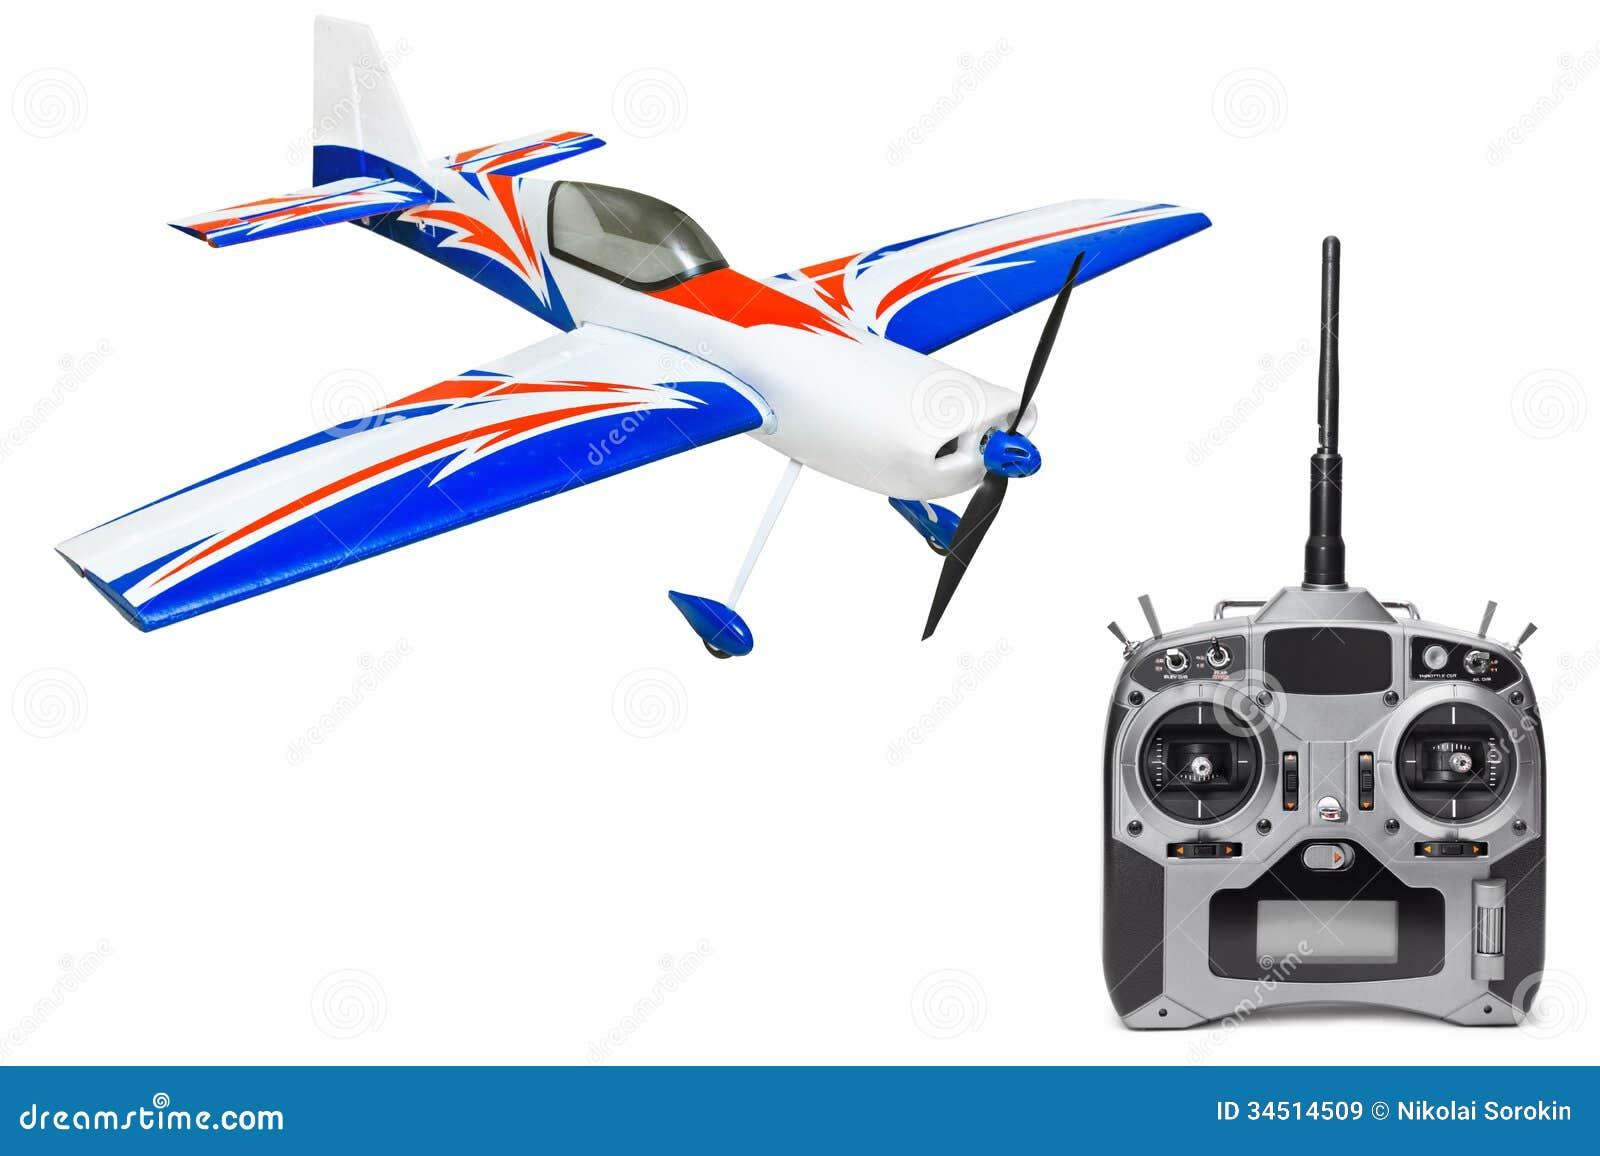 Remote Control Plane Parts Rc Control